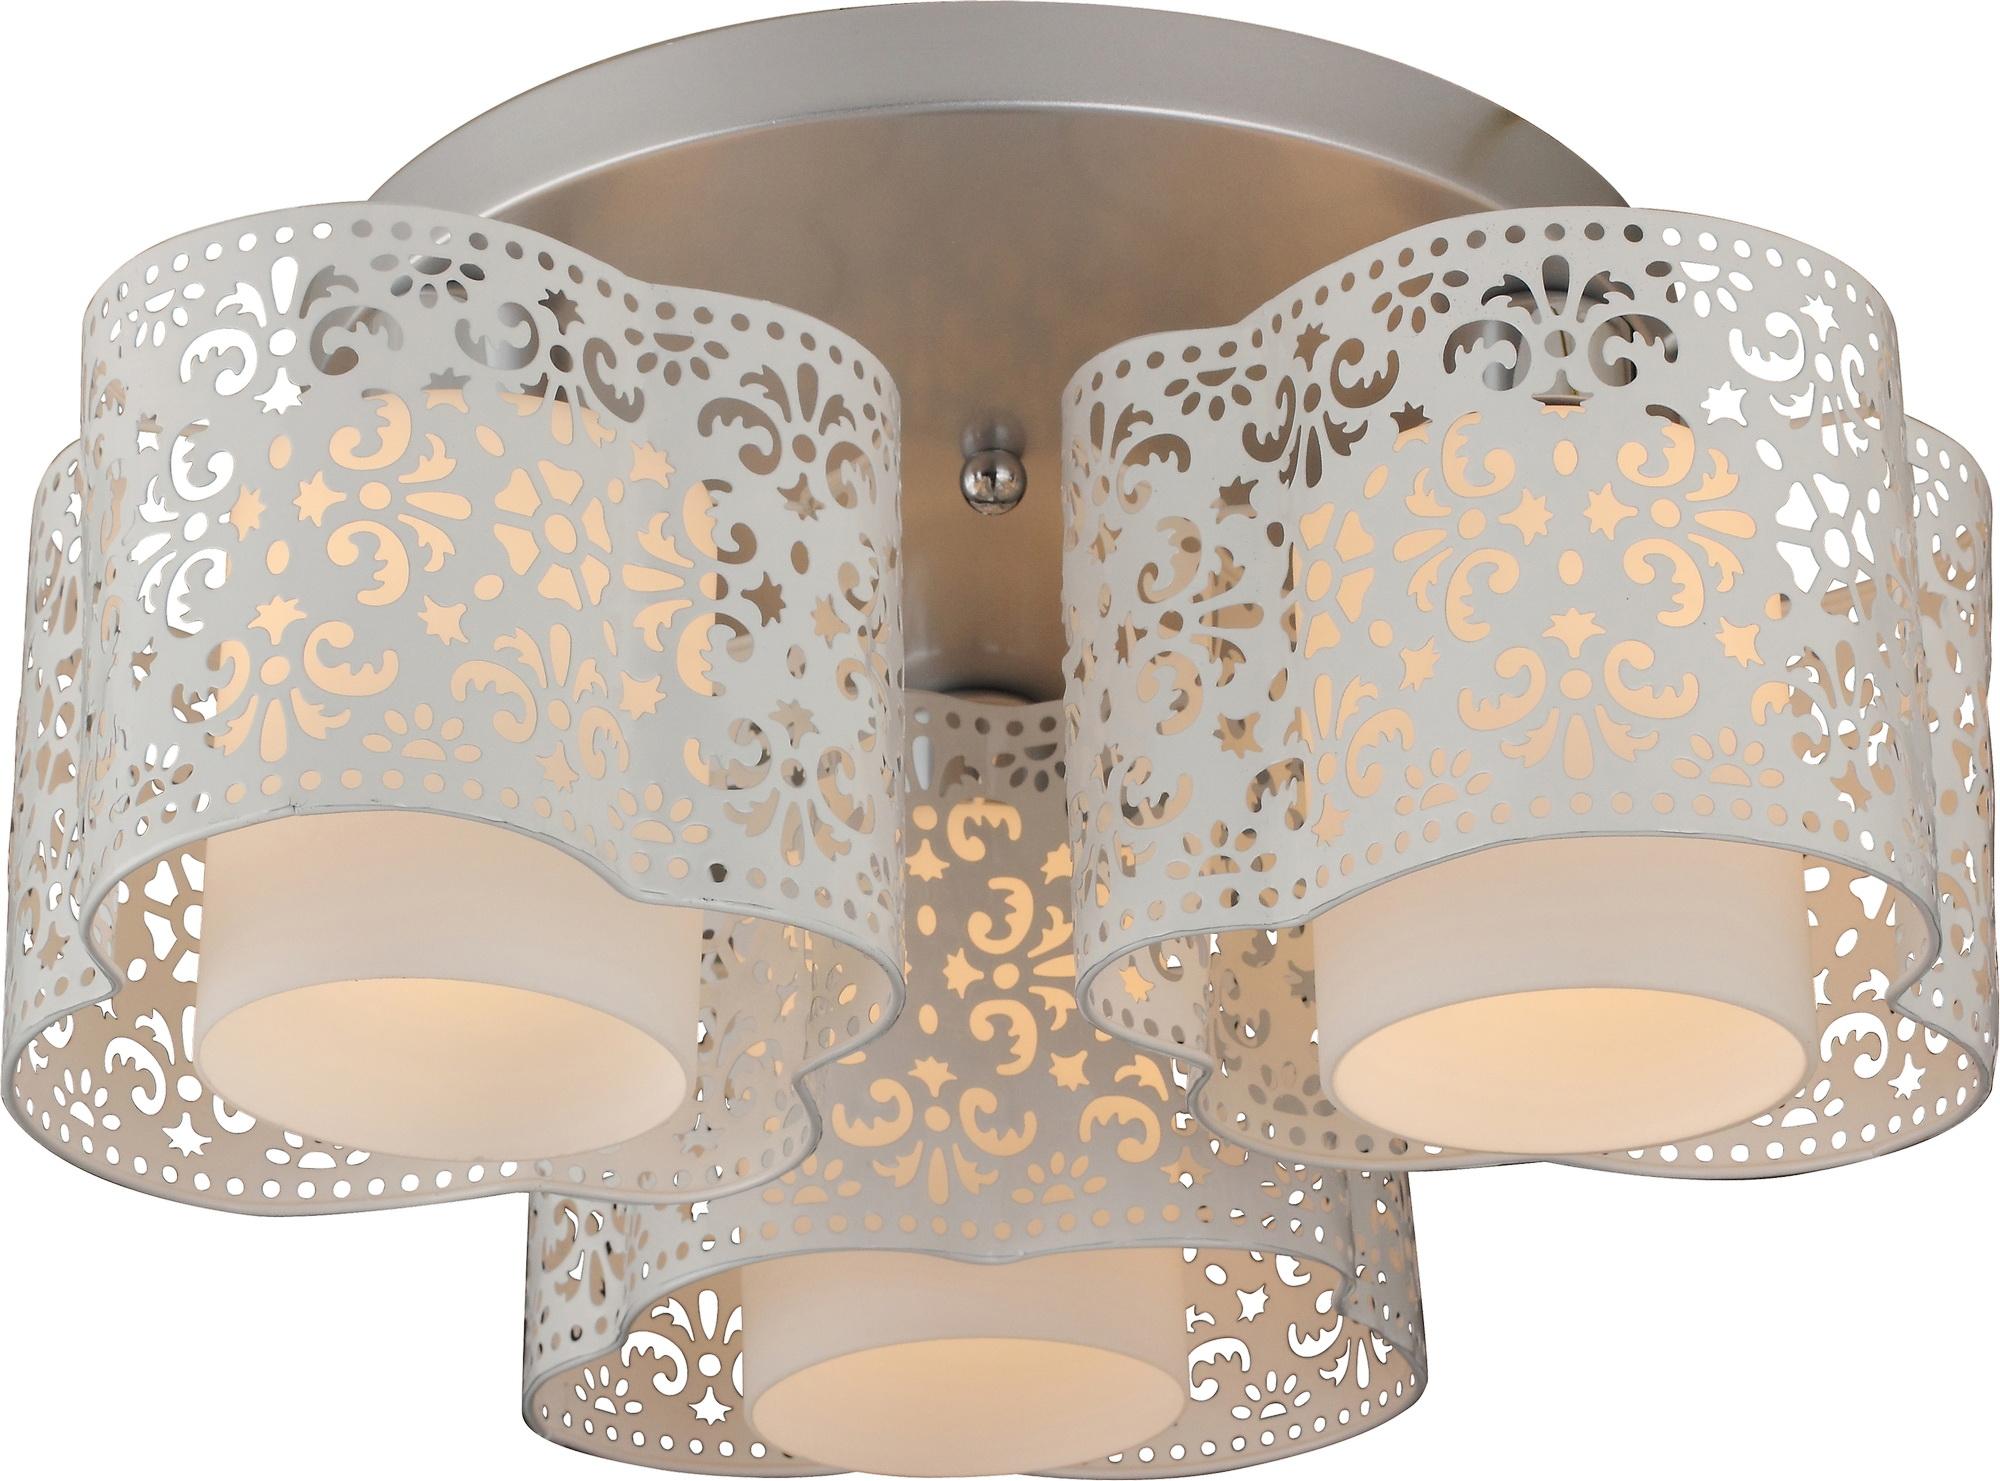 Люстра Arte lamp Helen a8348pl-3wh arte lamp потолочная люстра arte lamp helen a8348pl 3wh